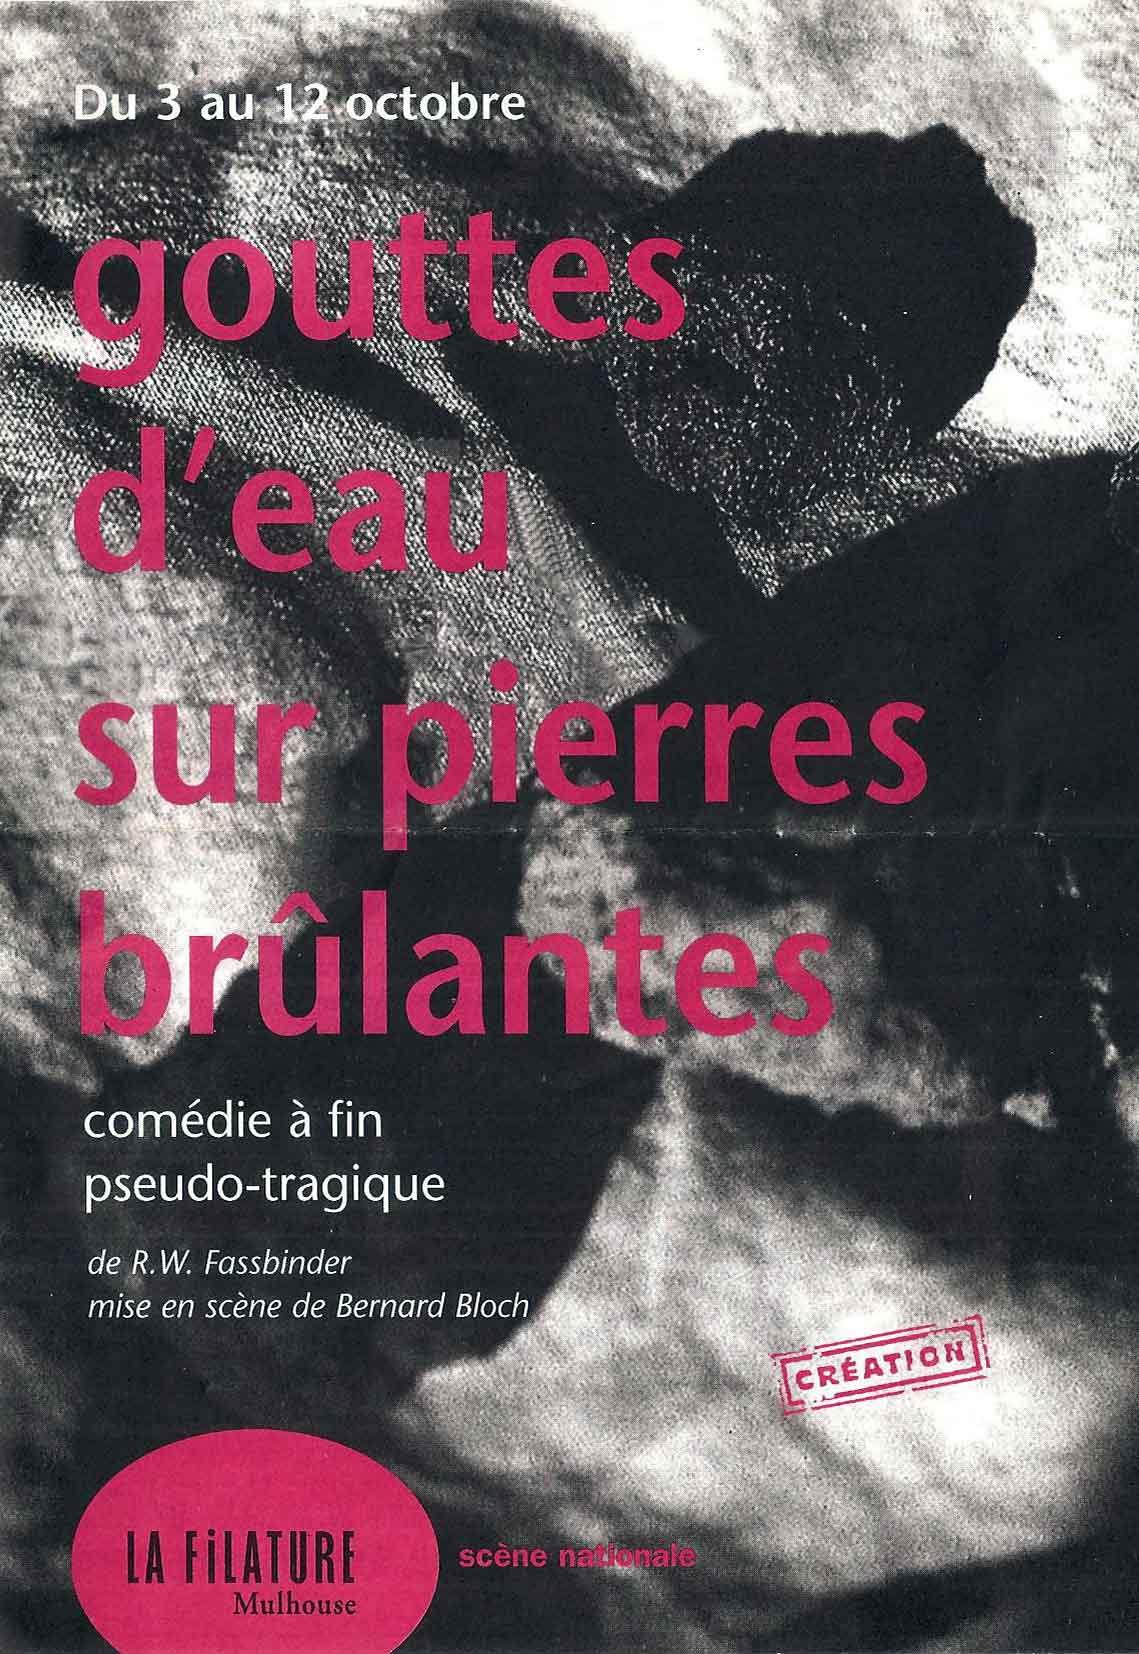 Gouttes-deau_1997recto